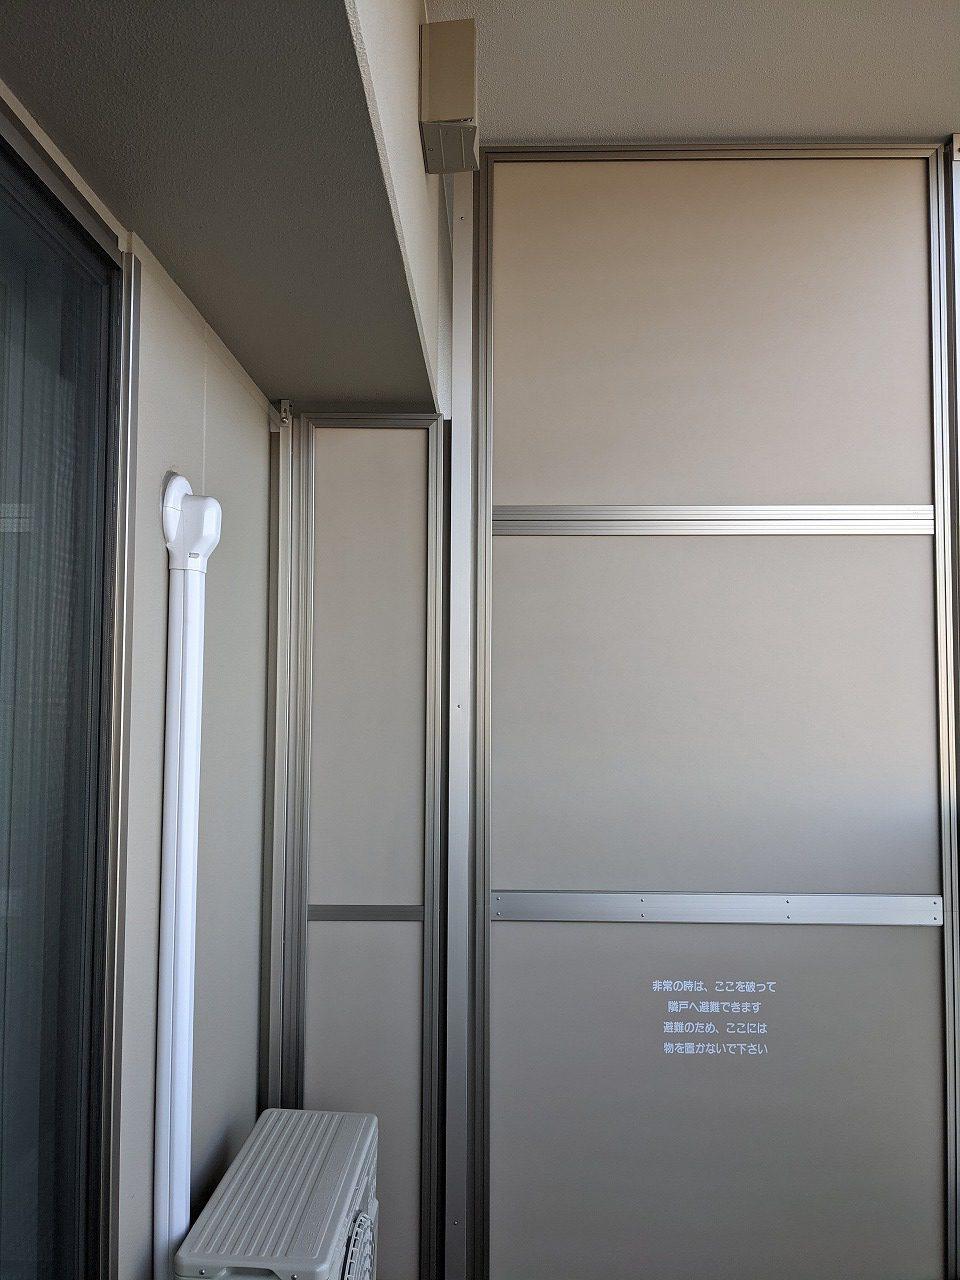 お便り返し その173「バルコニー隣戸境の隔て板が気になる」【マンションマニア】